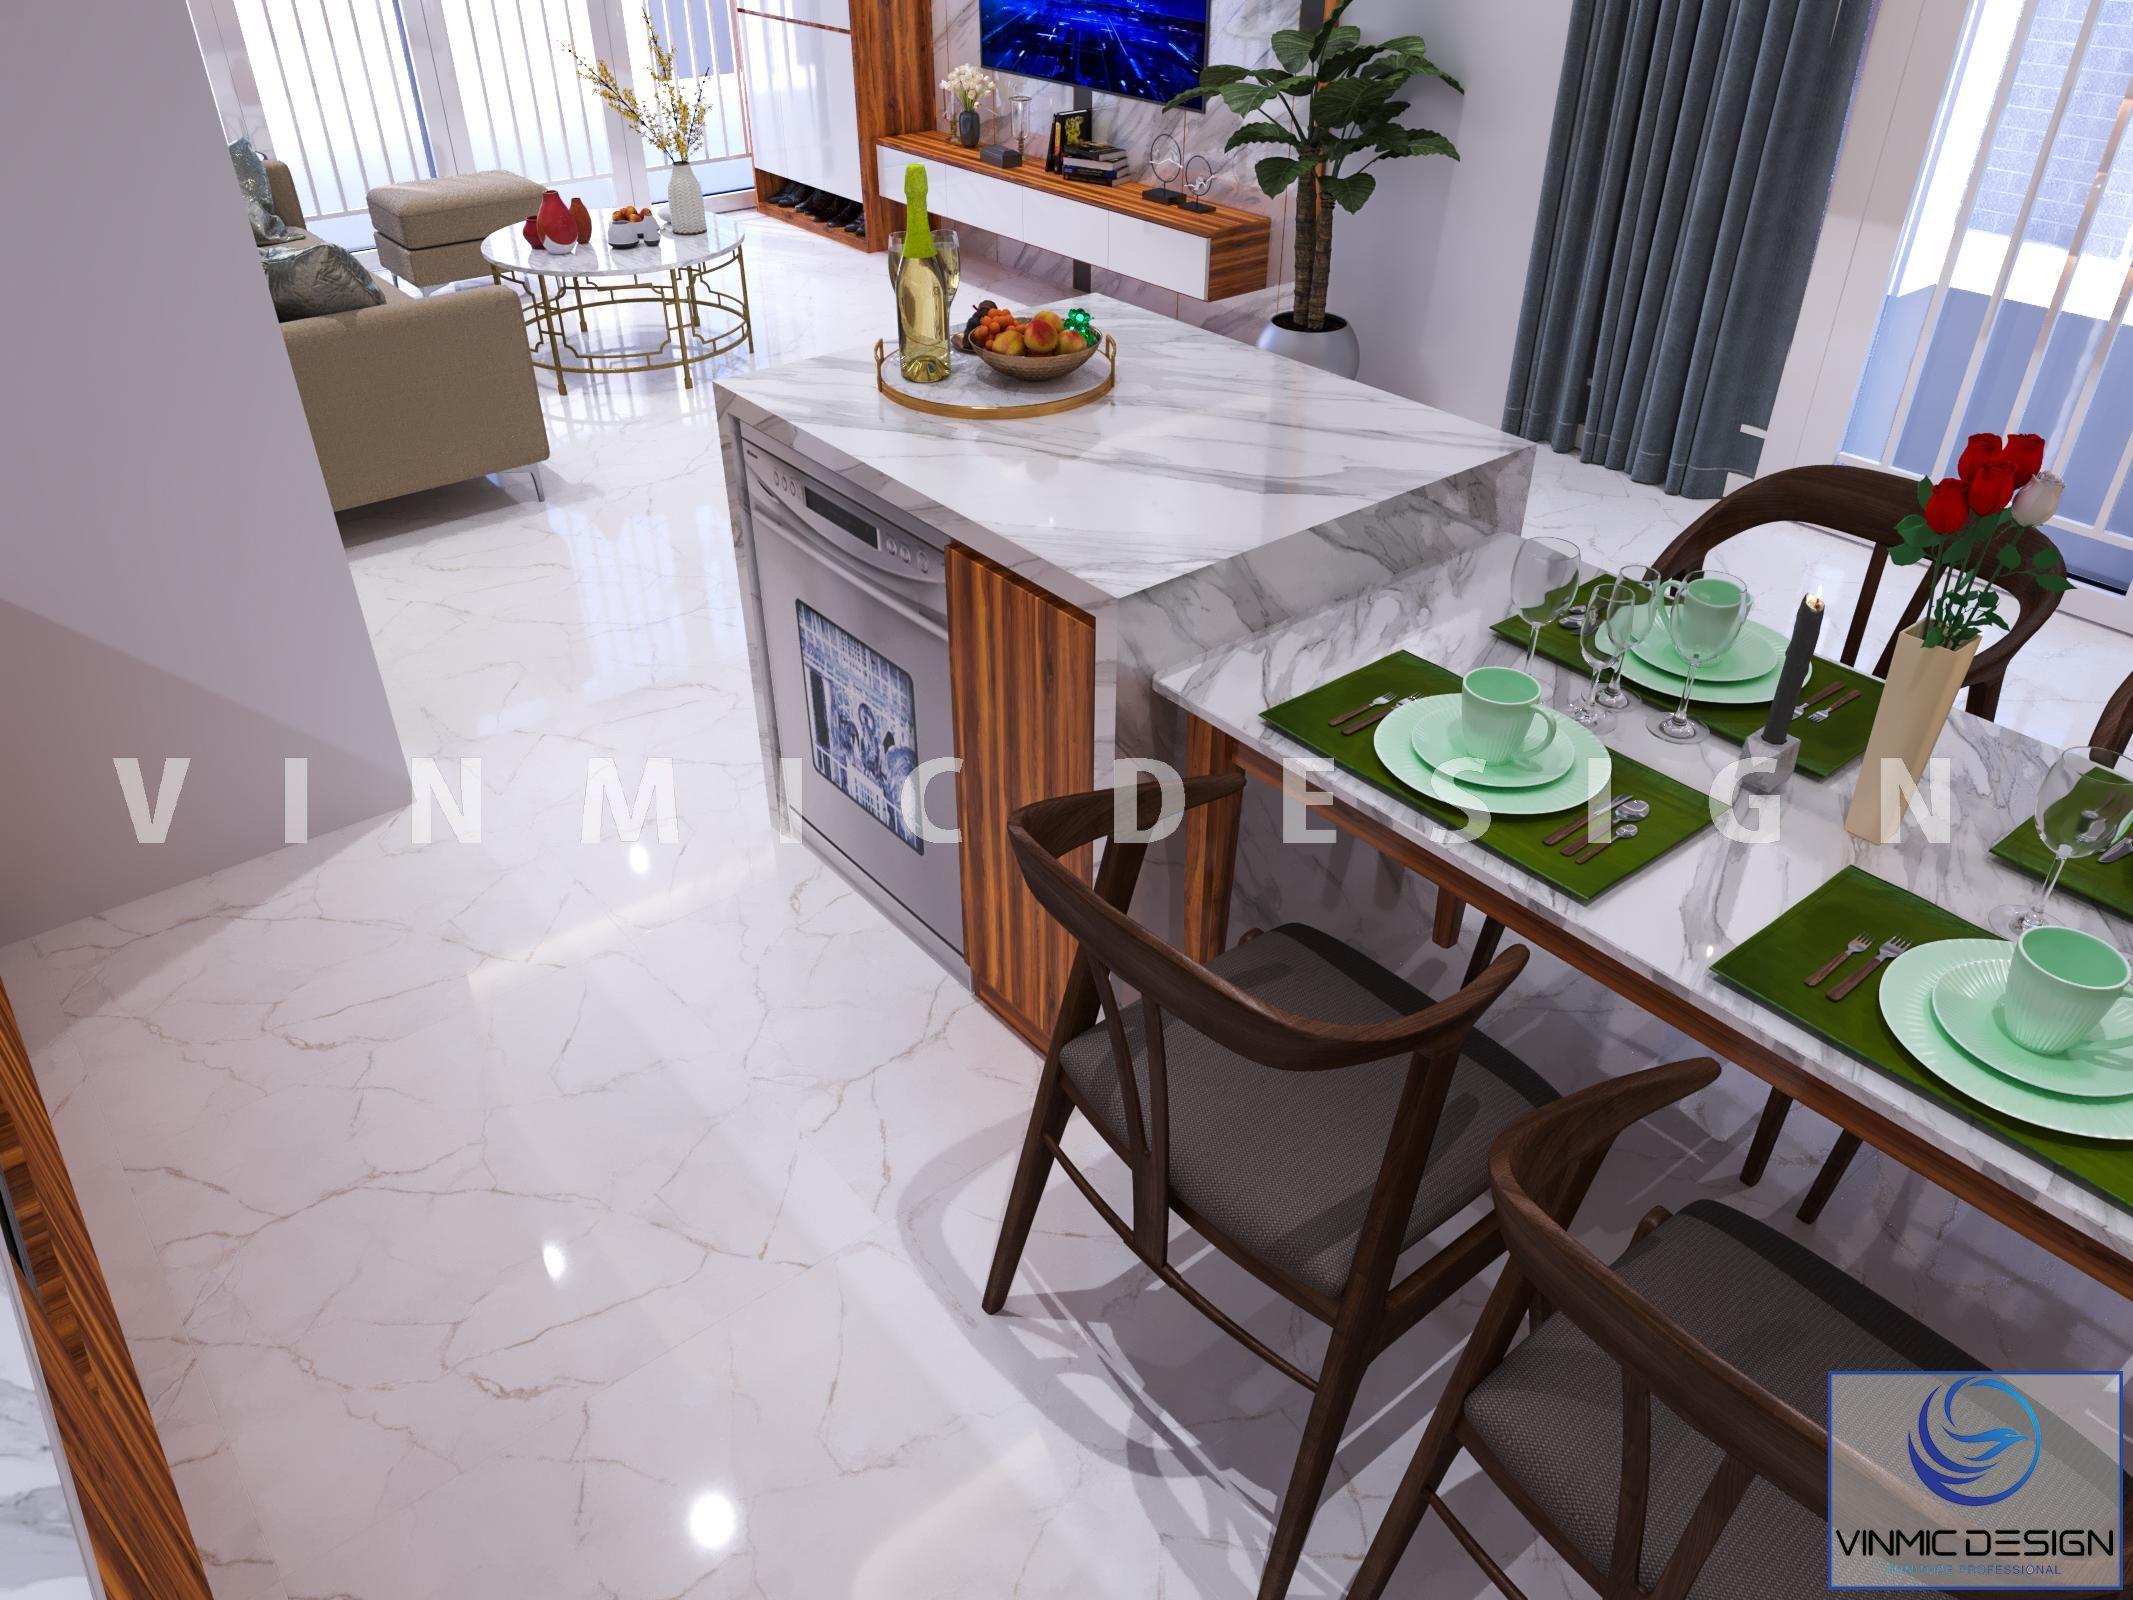 Thiết kế nội thất nhà đẹp với tone màu trắng chủ đạo, kết hợp màu sắc hài hòa tại nhà vườn phố Kim Sơn - Ninh Bình